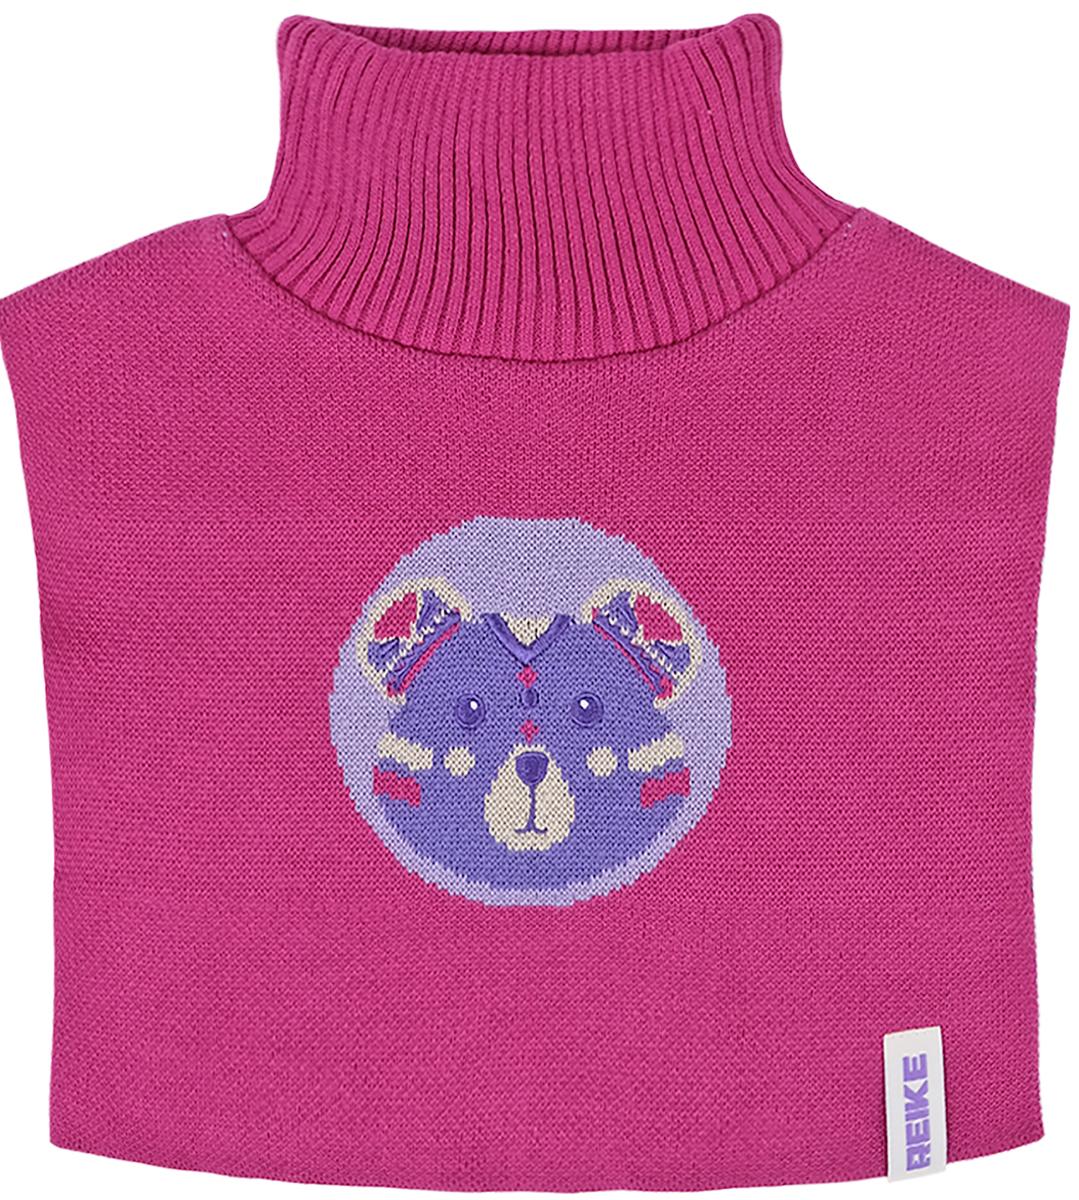 Манишка для девочек Reike, цвет: фуксия. RDC1718_IFC fuchsia. Размер универсальныйRDC1718_IFC fuchsia